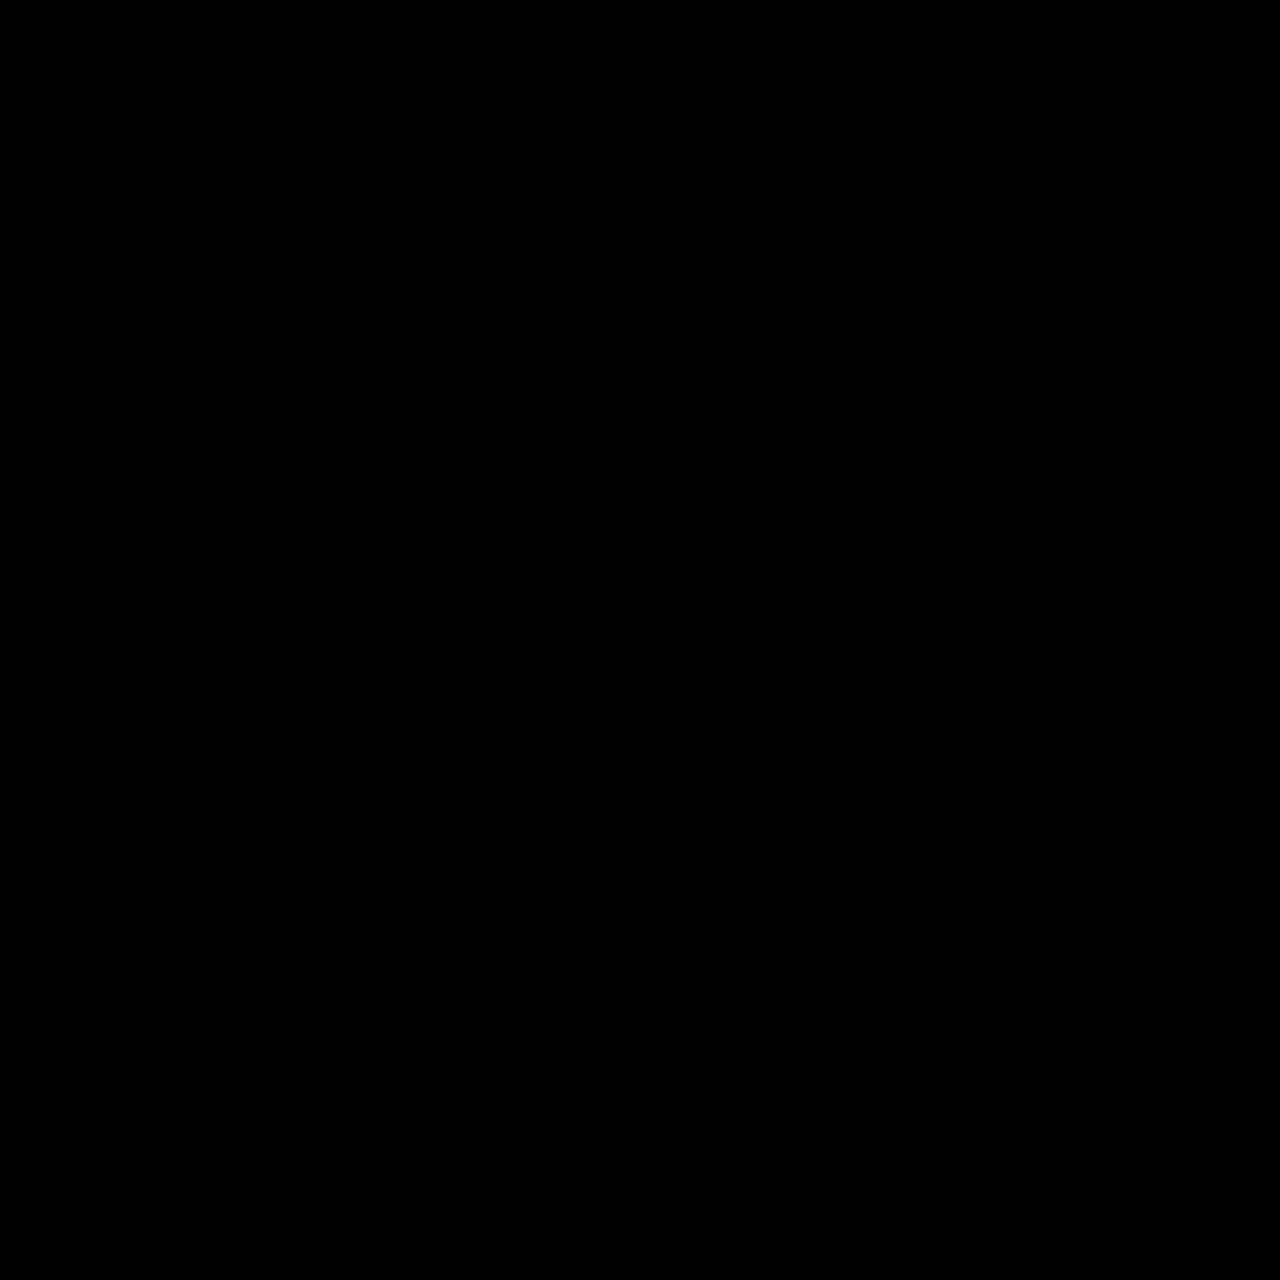 Laminas en blanco y negro p g 48 aprender for Laminas blanco y negro